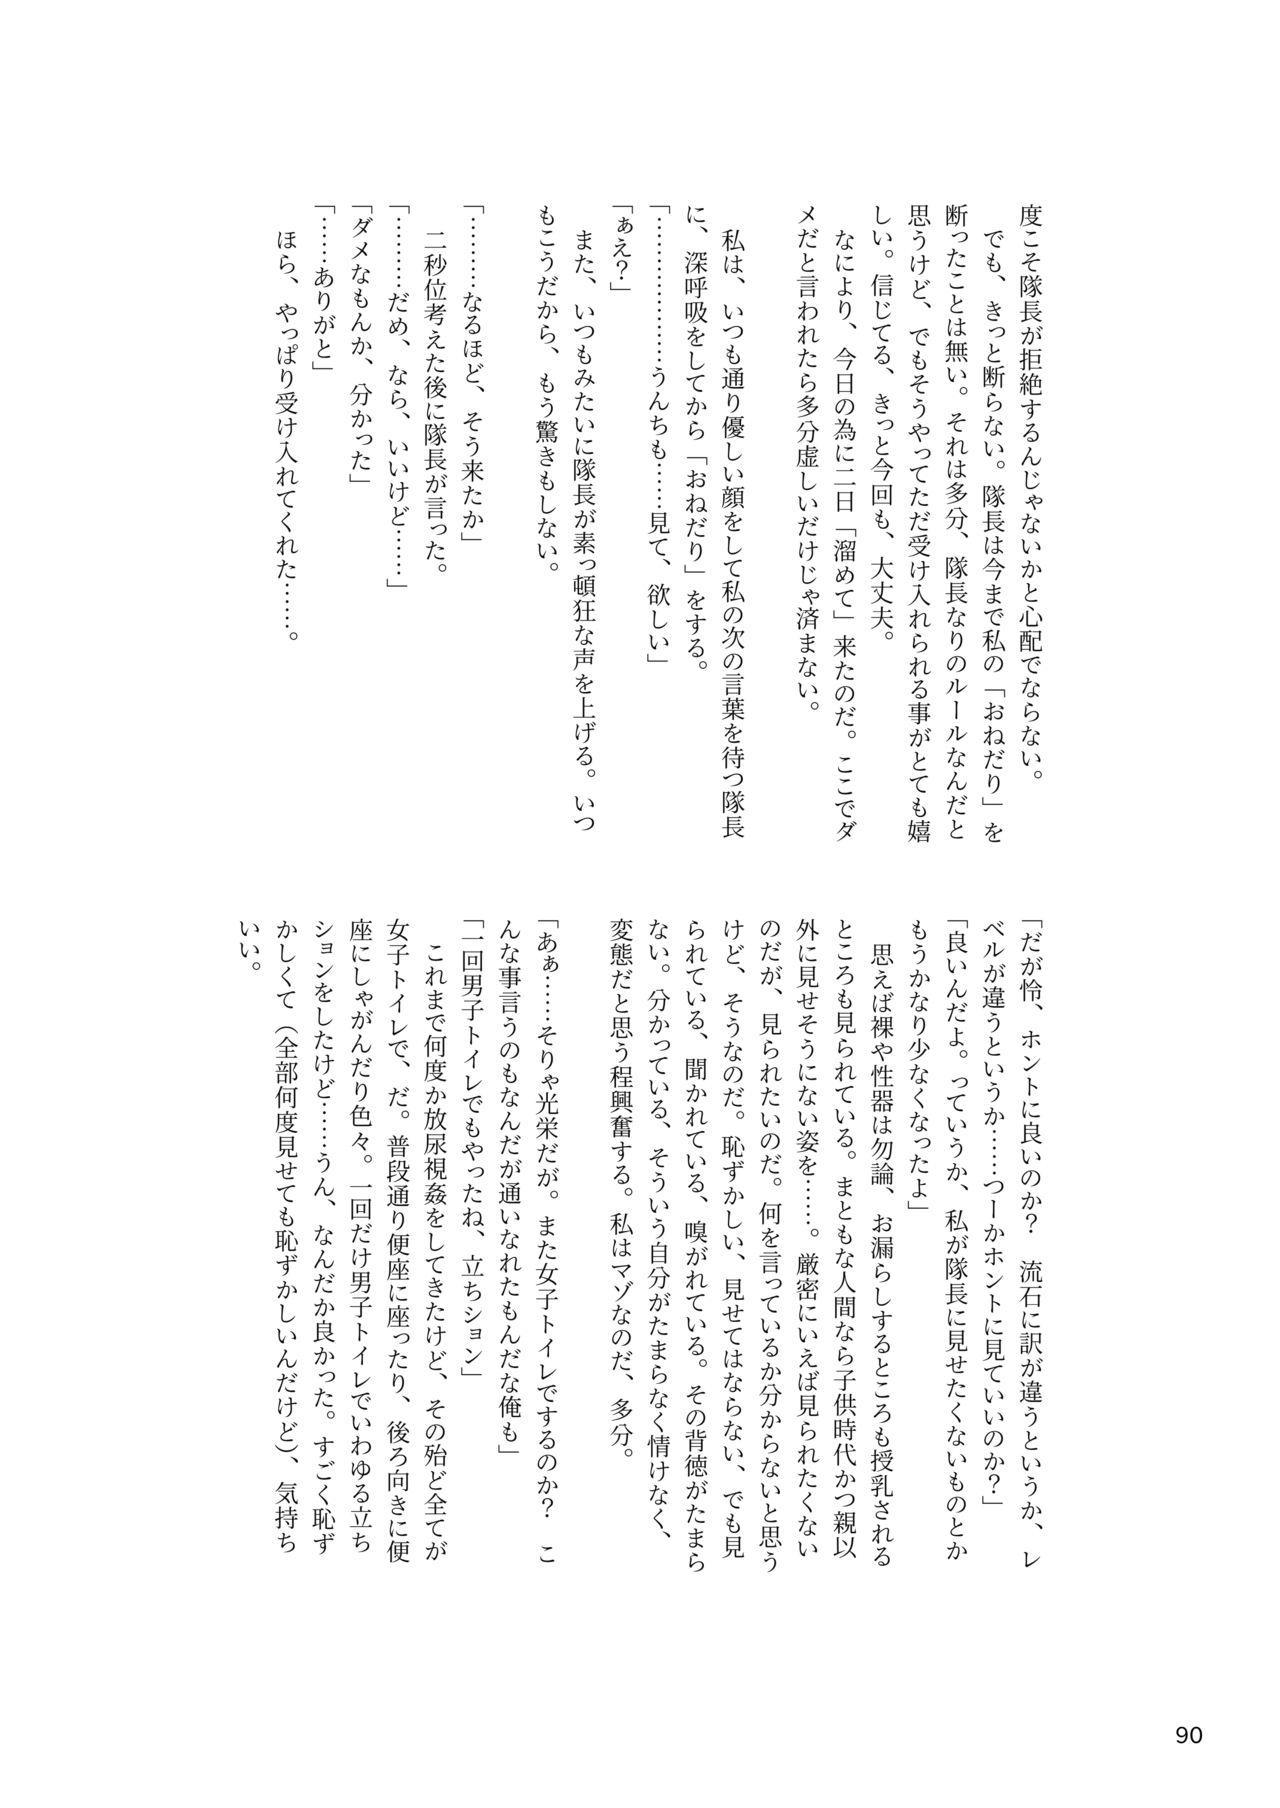 ア○スギア総合スカトロアンソロジー アクトレス排泄実態調査任務~スカポためるっすか!?~ 89